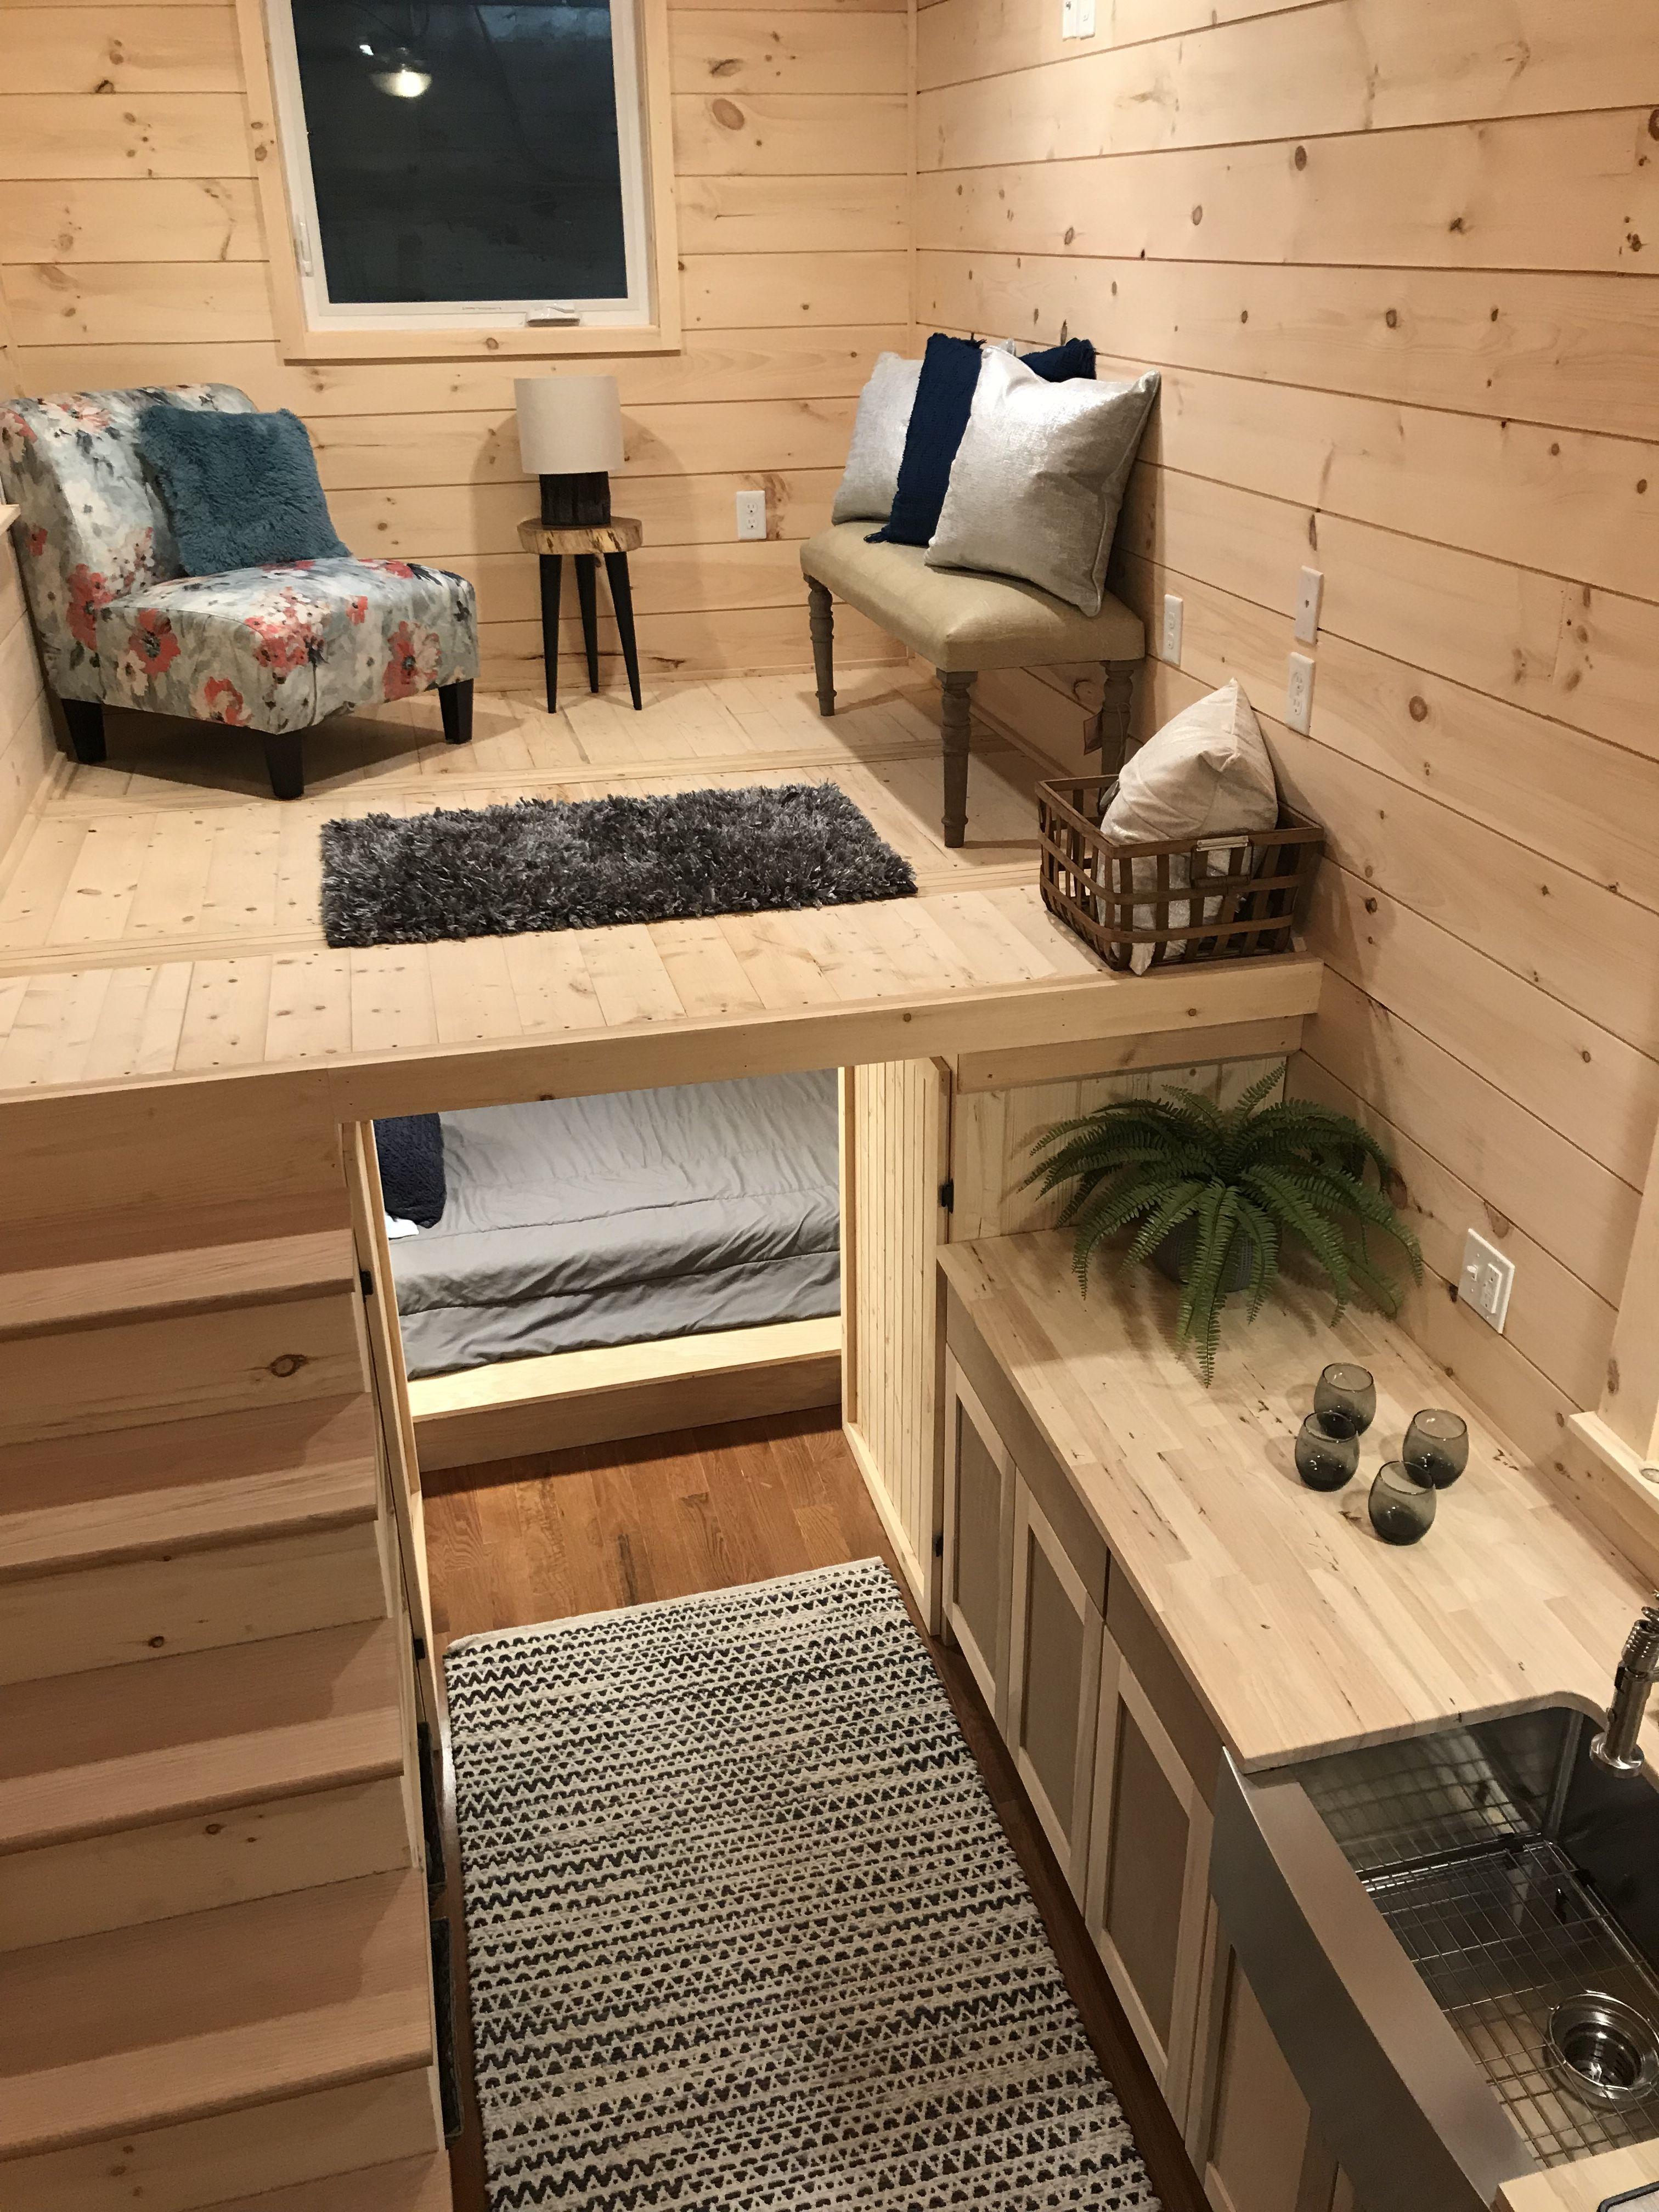 Эргономичный дизайн интерьера и уют в доме — колесо жизни